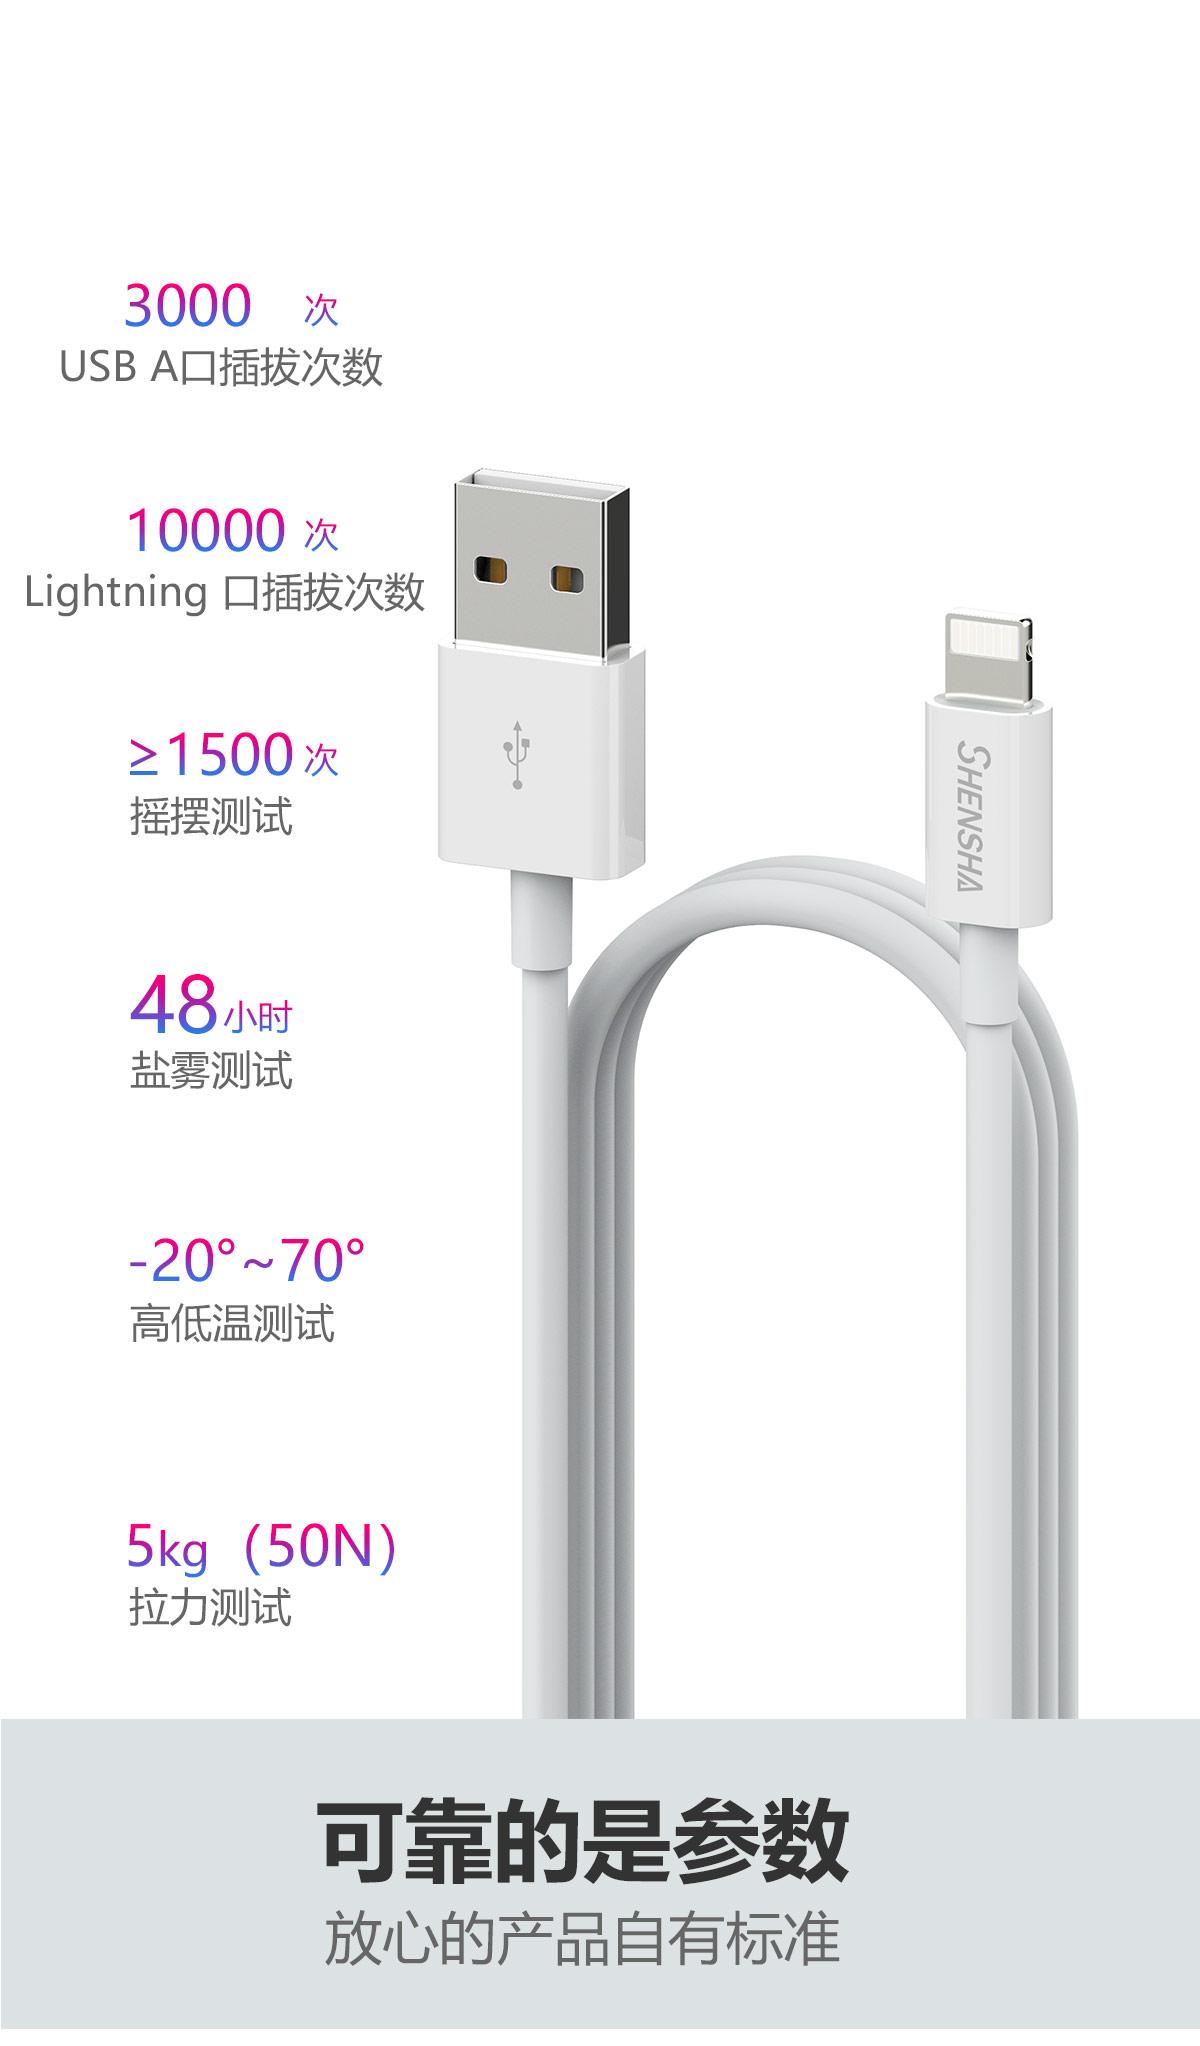 3000次 USB A口插拔次数 10000次Lighting口插拔次数 大于1500次摇摆测试 48小时盐雾测试 -20℃到70℃高低温测试 5Kg拉力测试 可靠的是参数 放心的产品自有标准